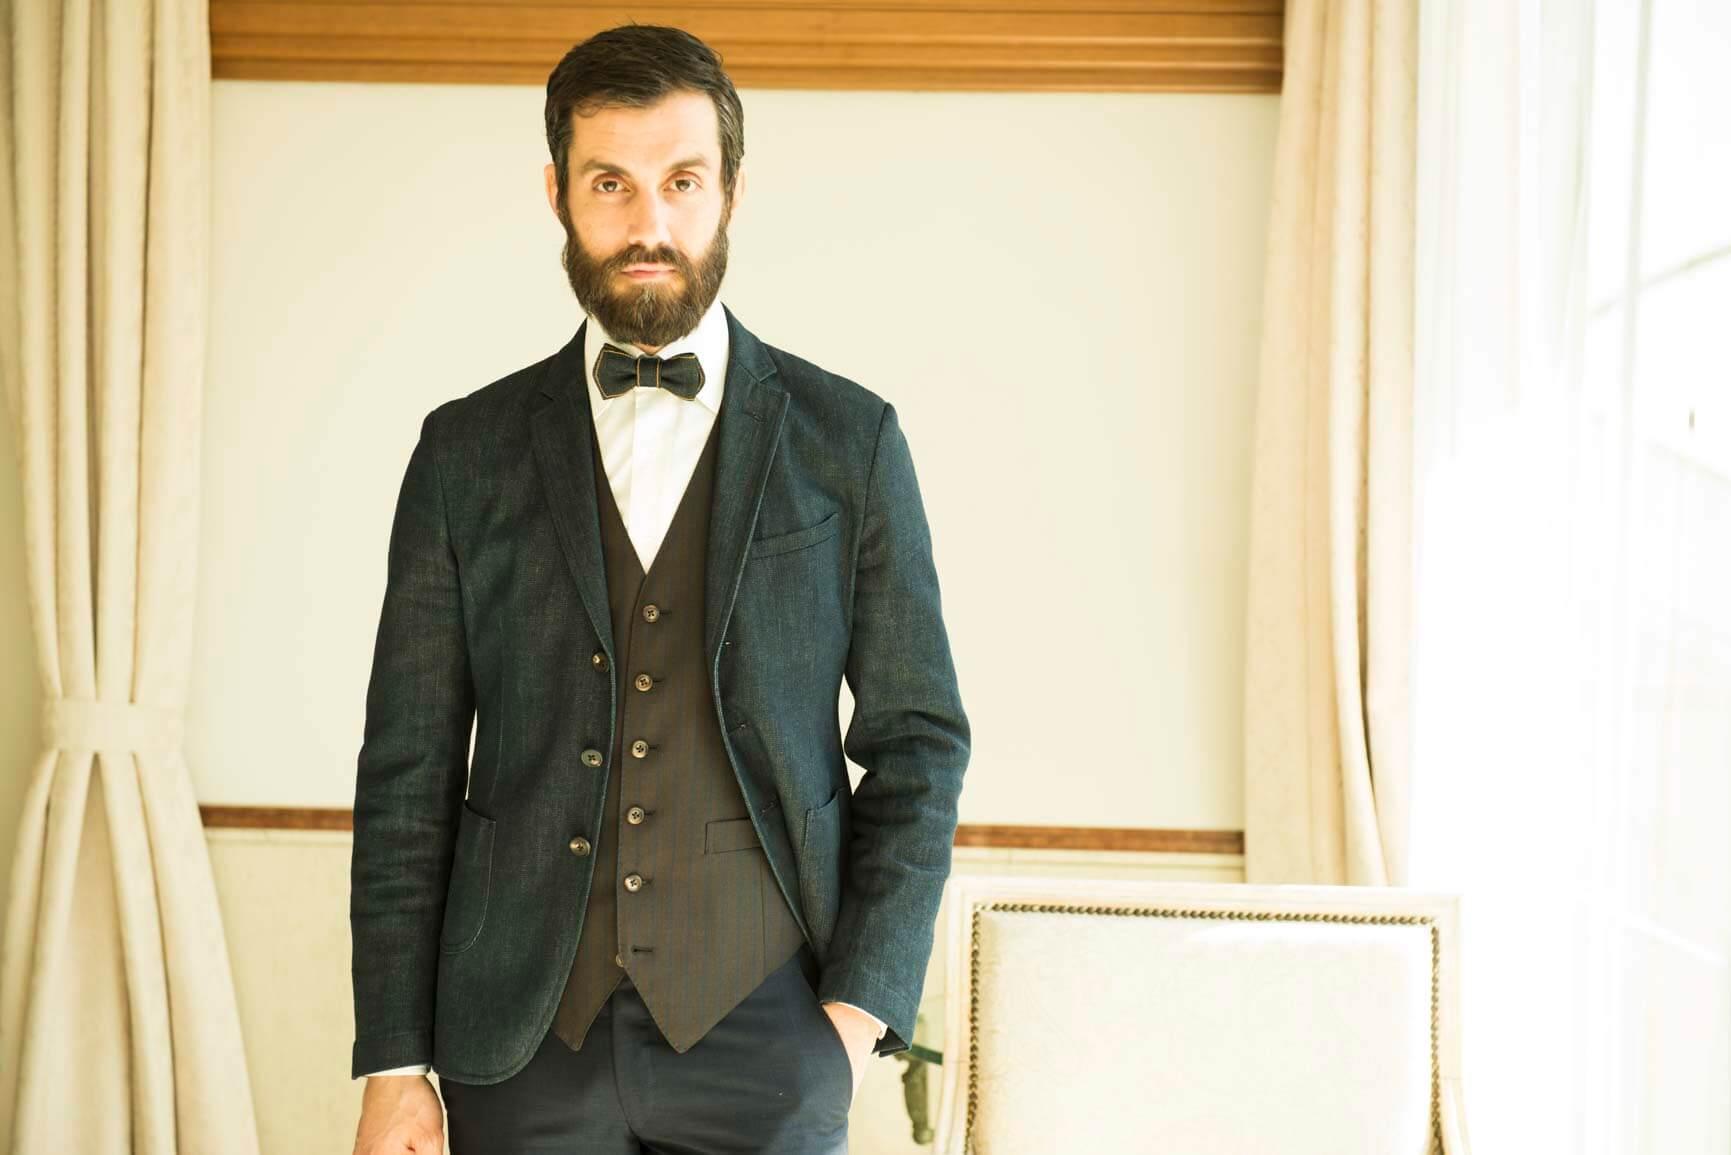 ハワイ挙式 :新郎様が着たいと思うタキシード&スーツを選ぶ